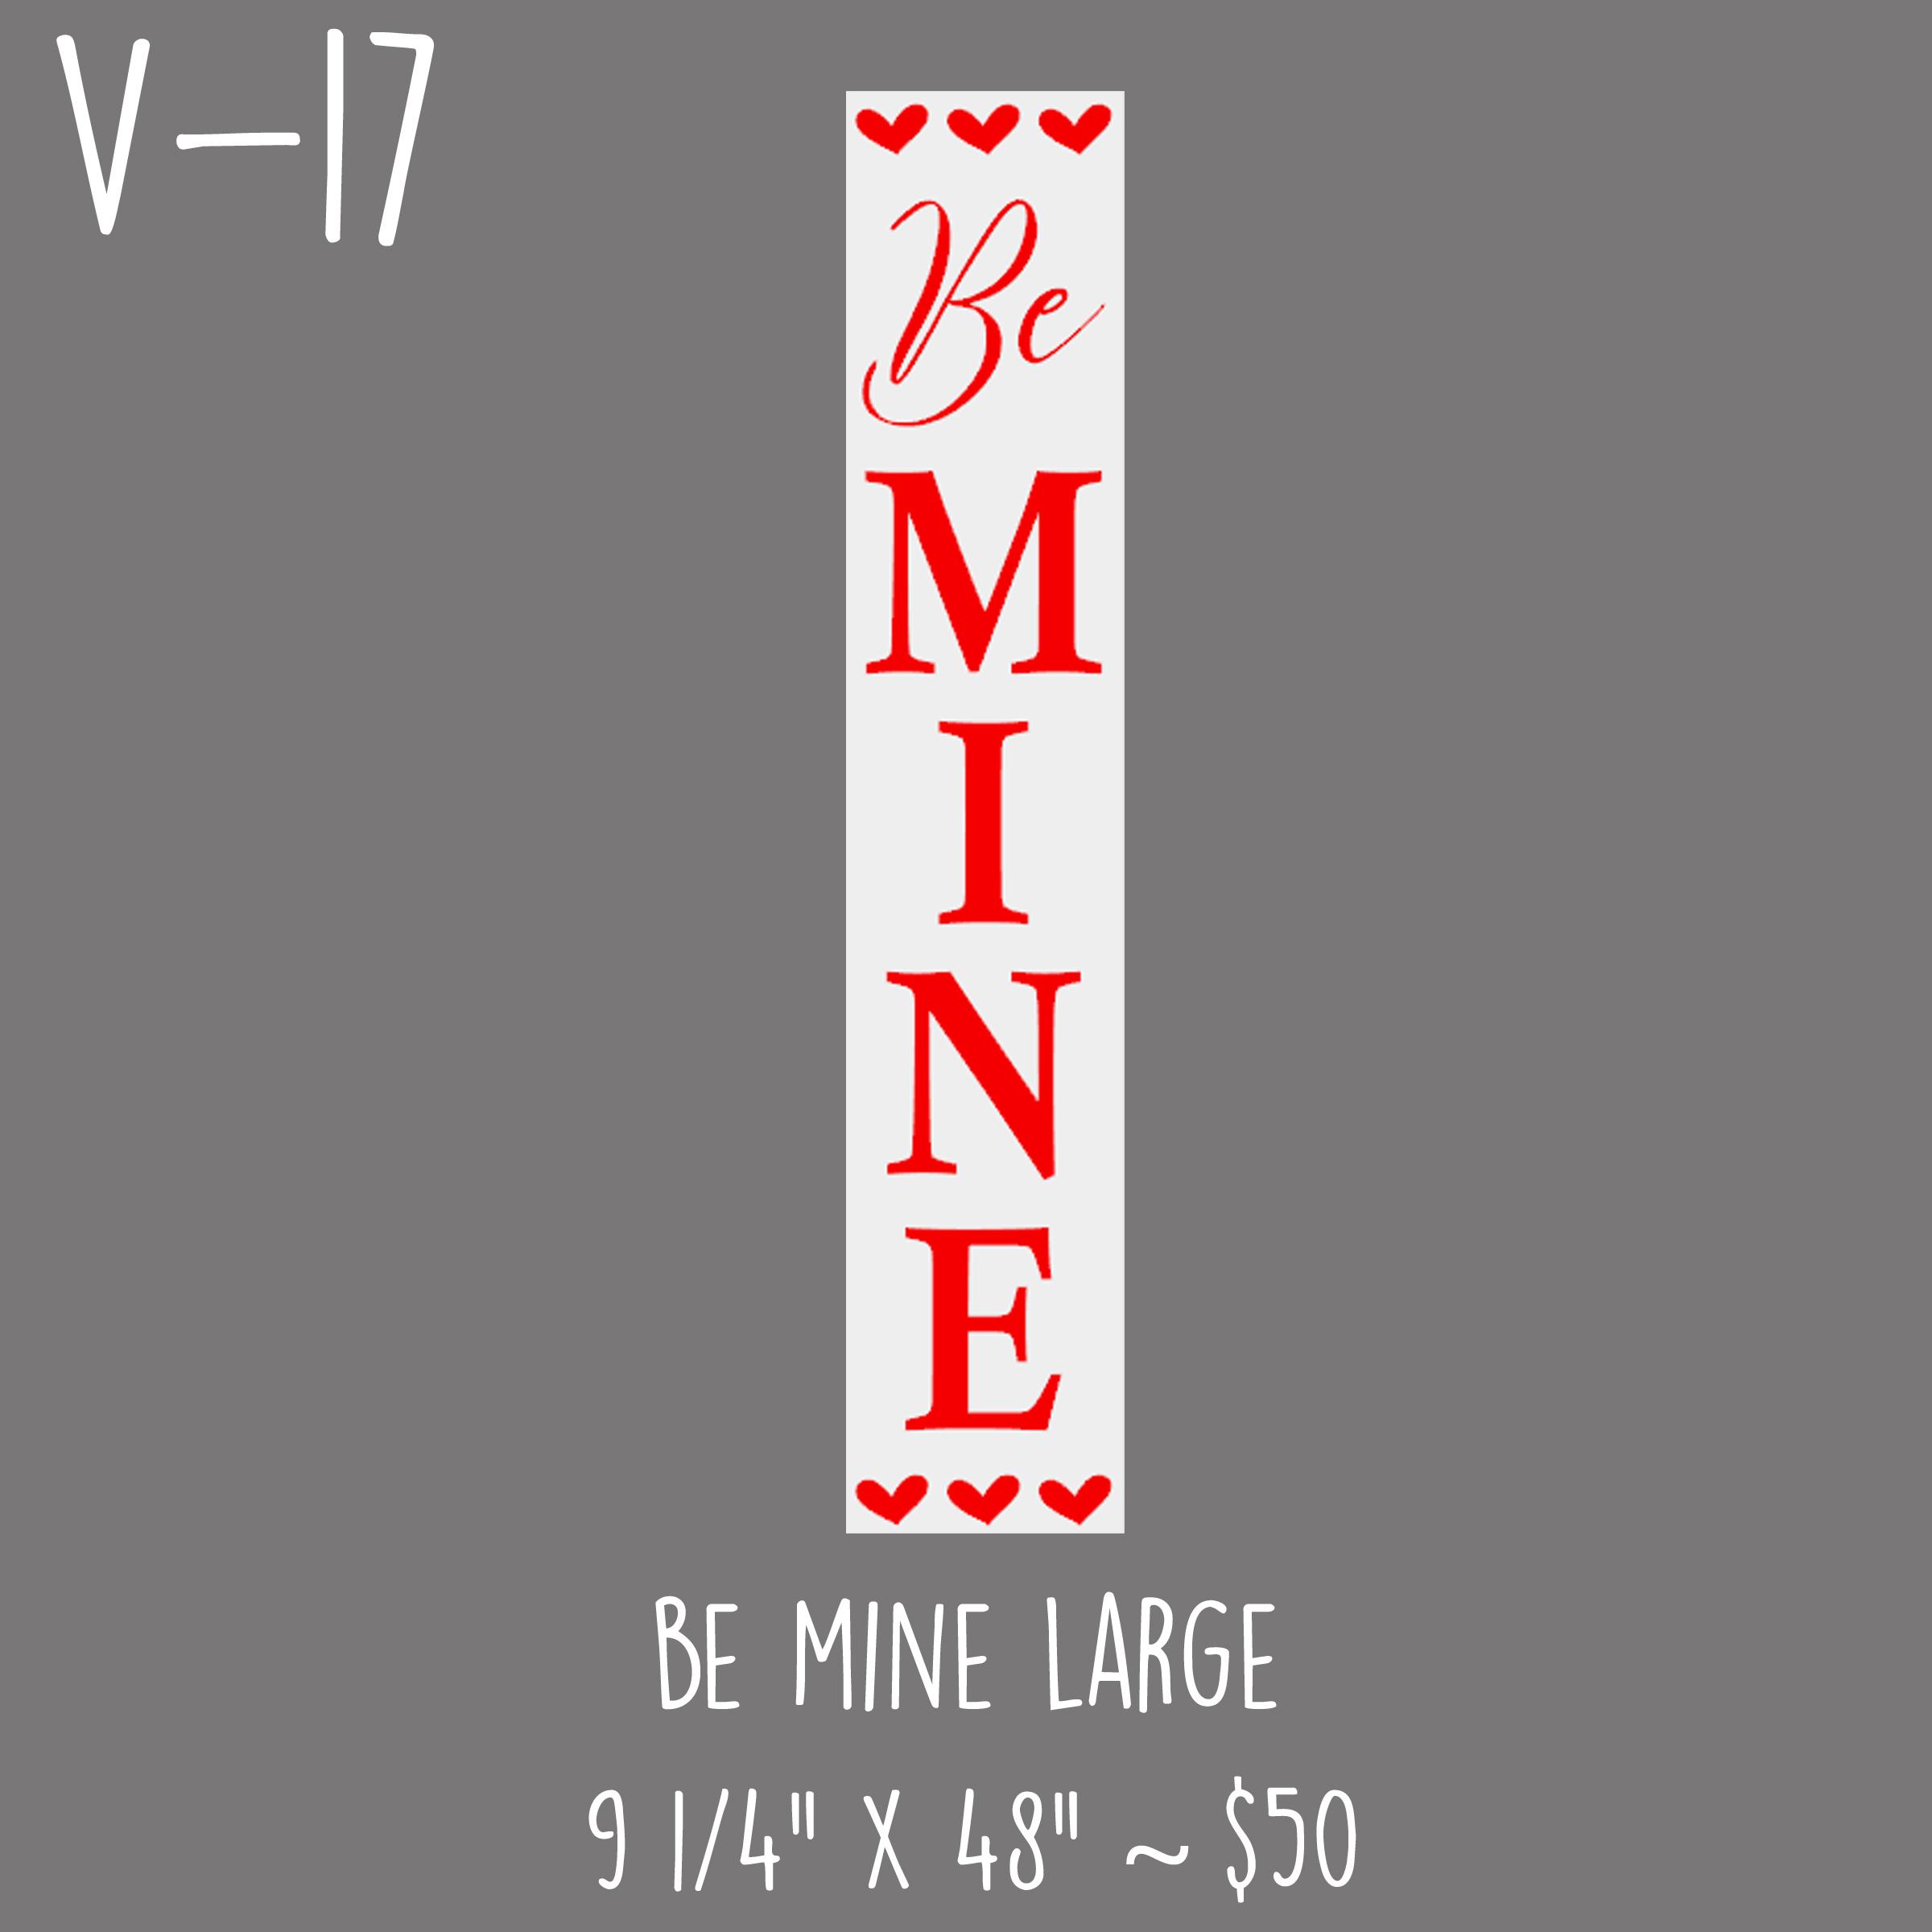 V17 - Be Mine Large.jpg